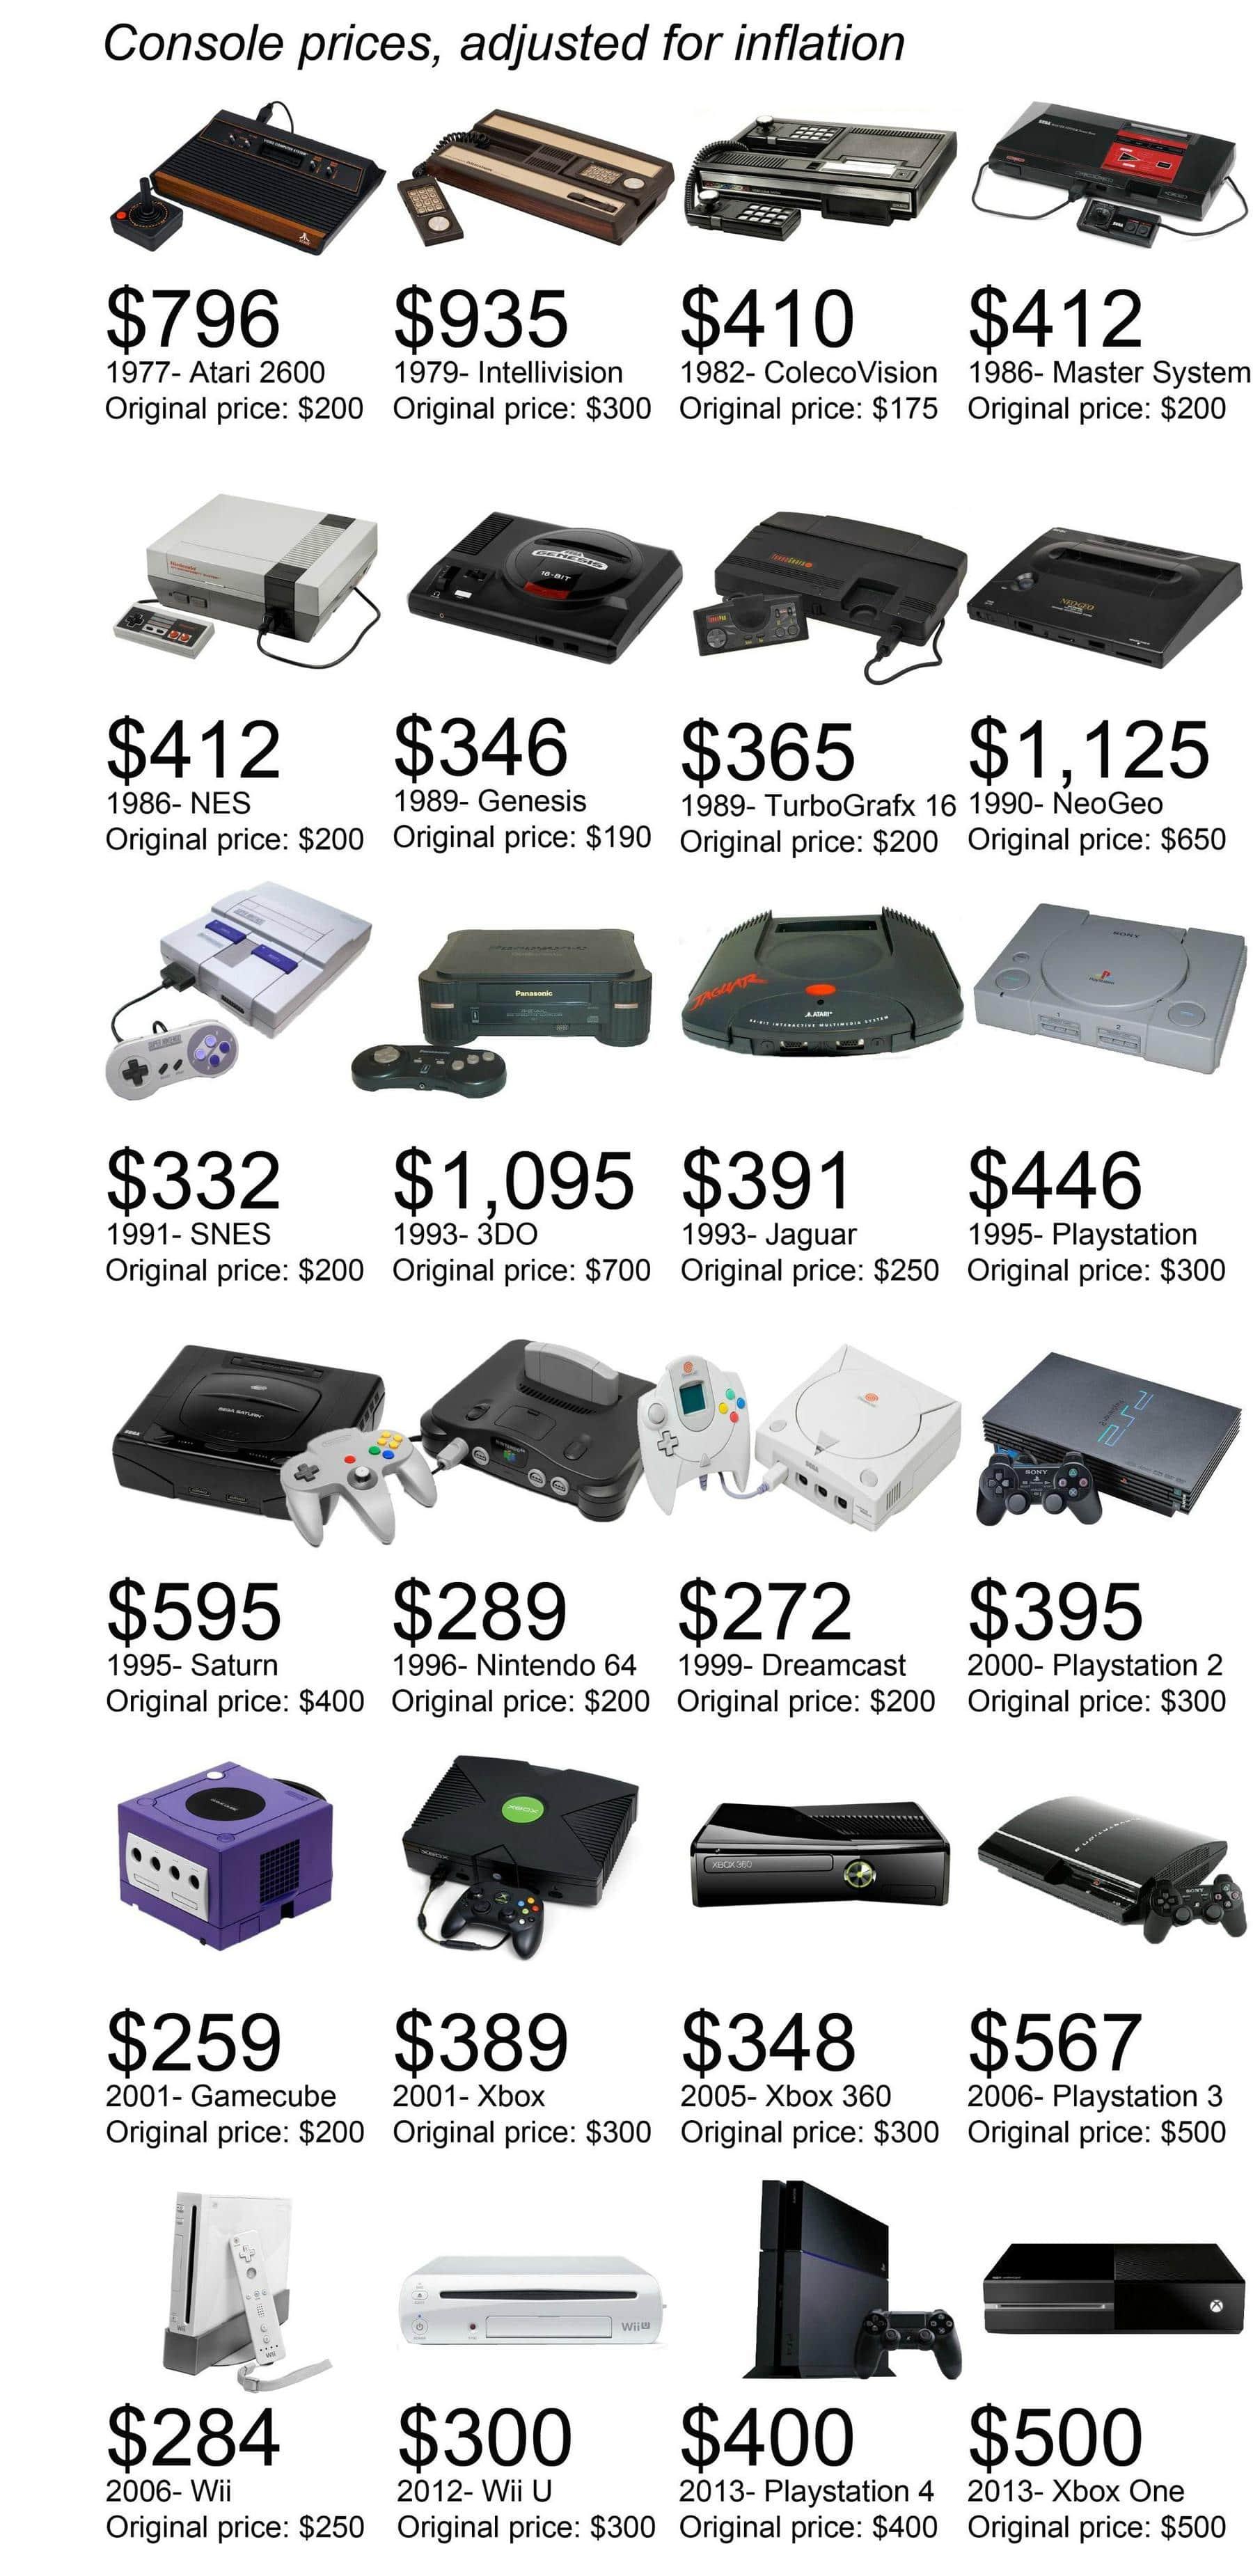 infographie-prix-consoles Infographie : Evolution du prix des consoles depuis 1977